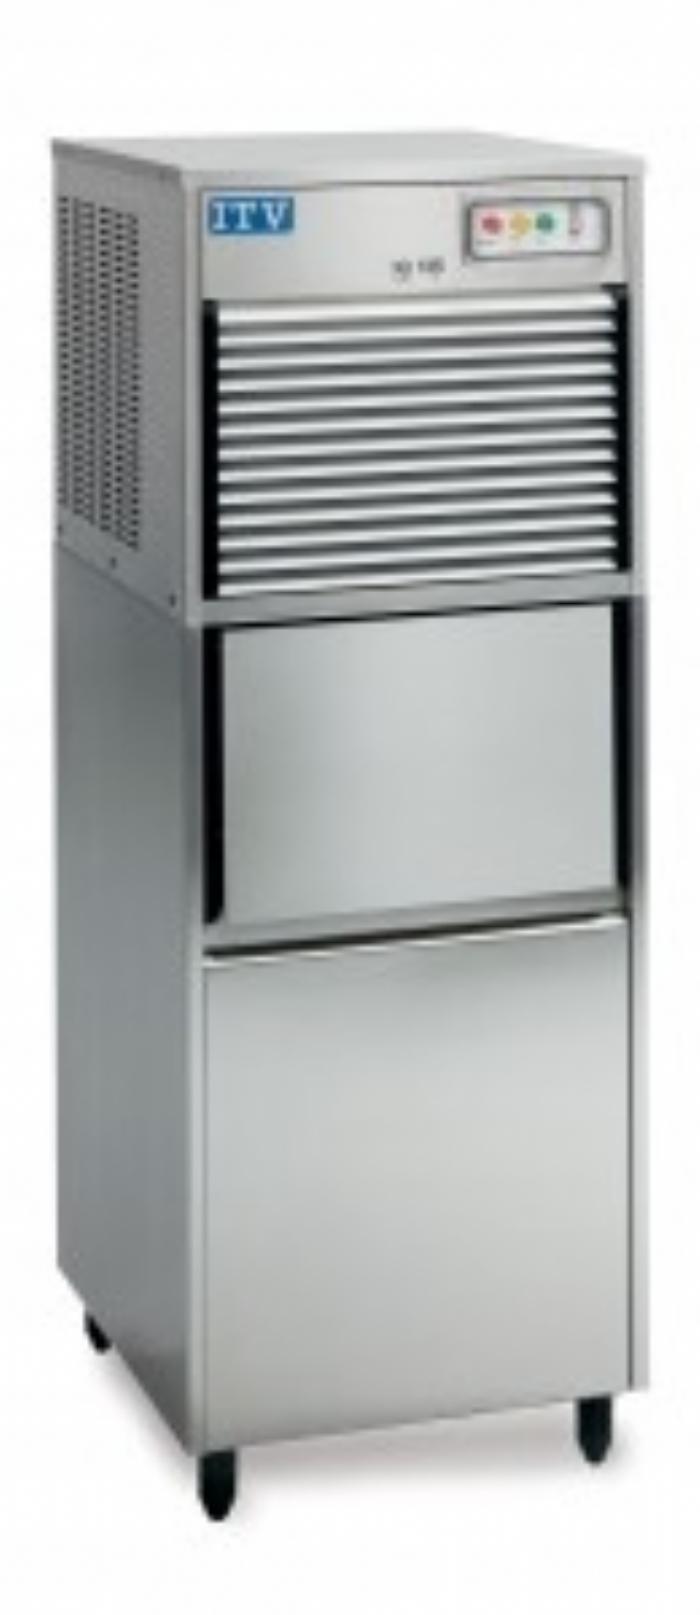 Labcold Flake Ice Maker LITV-IQ135